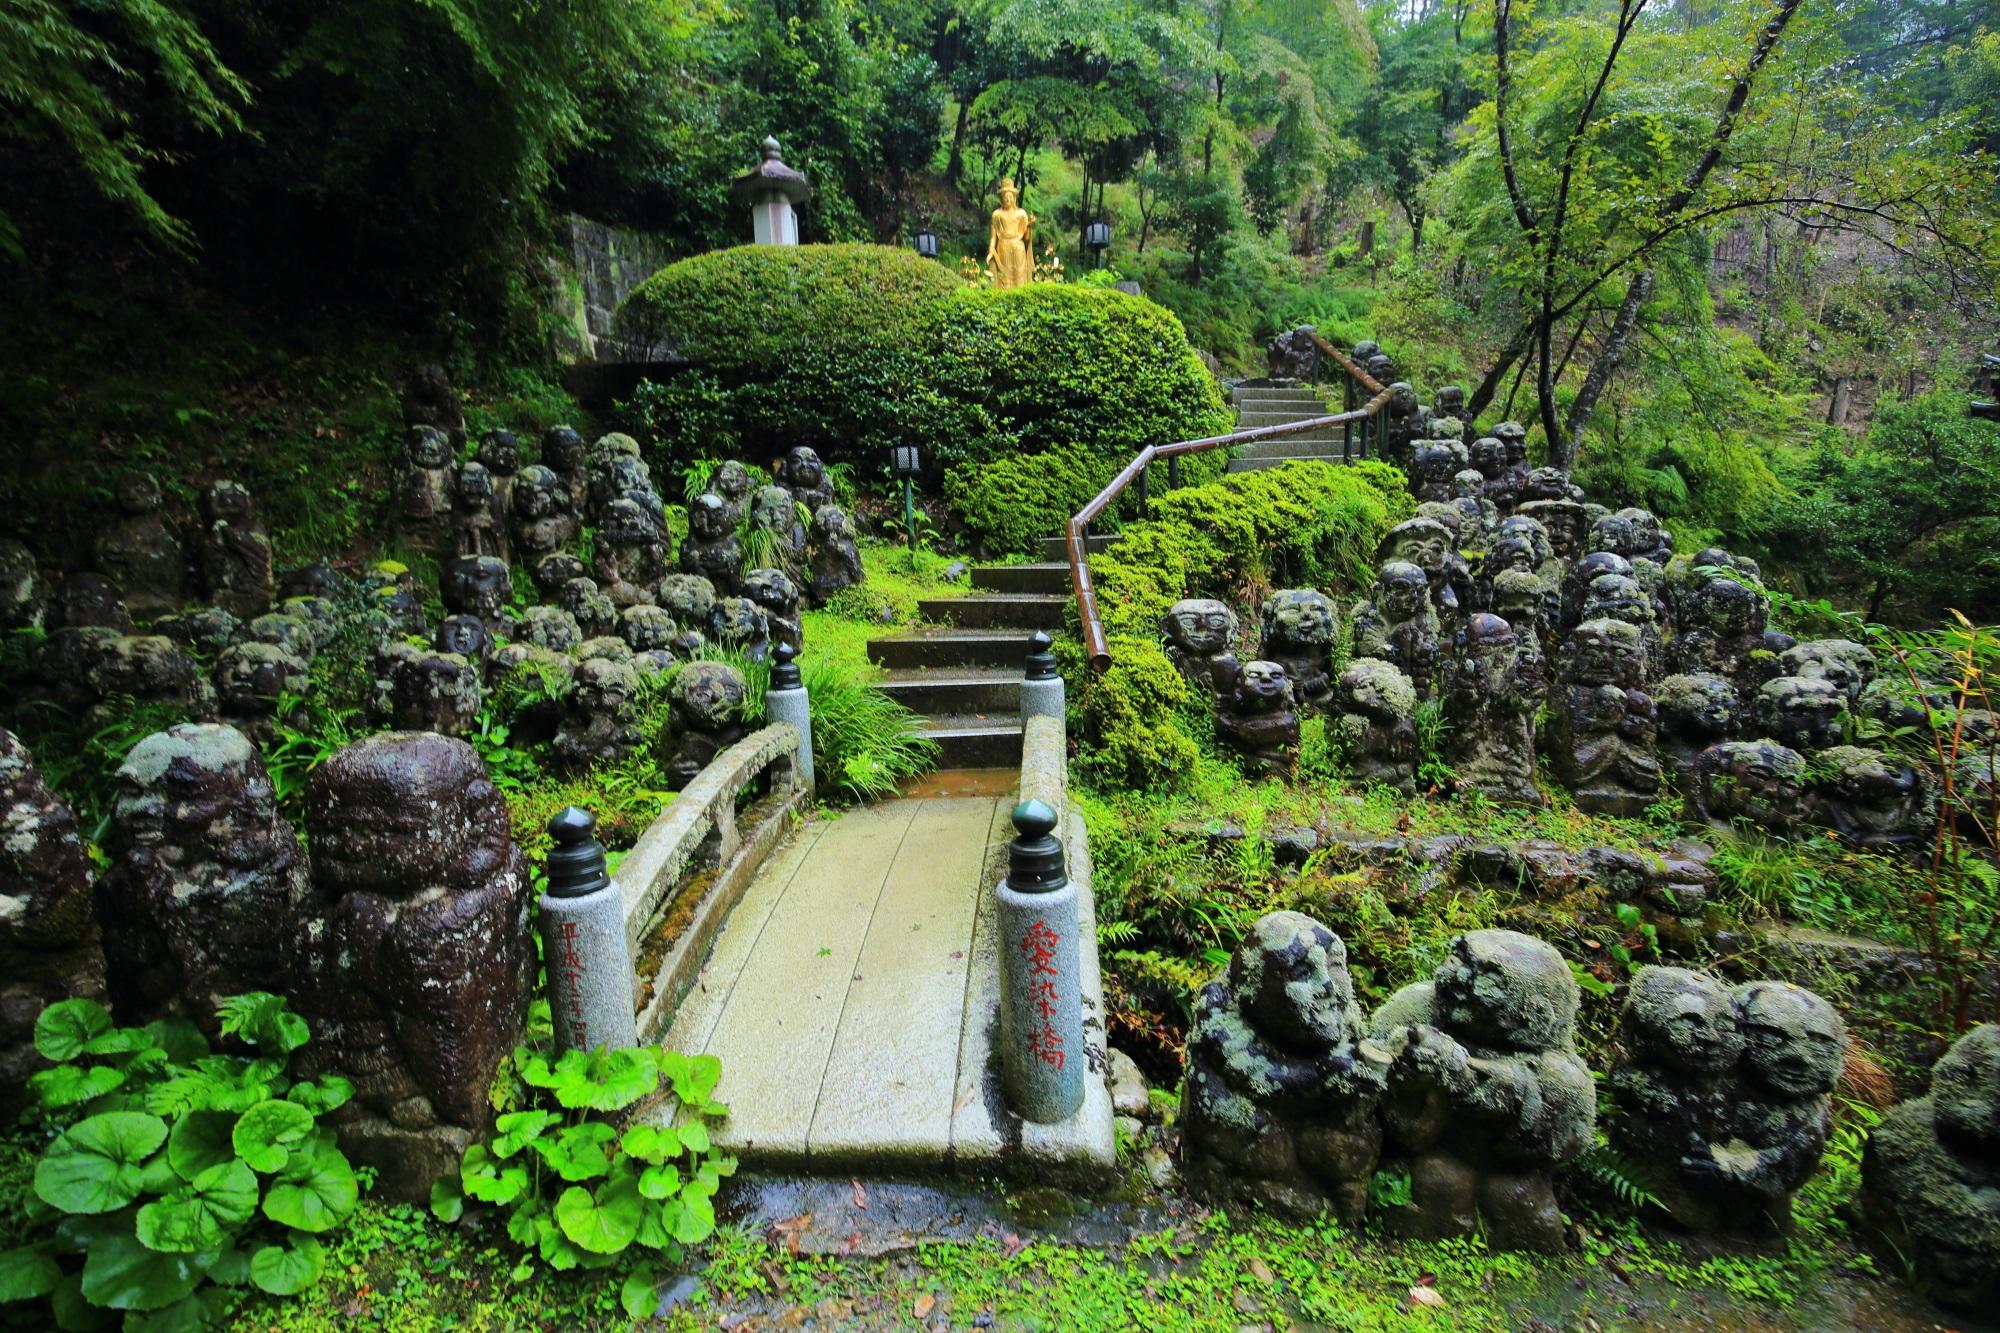 京都愛宕念仏寺の虚空菩薩と千二百羅漢